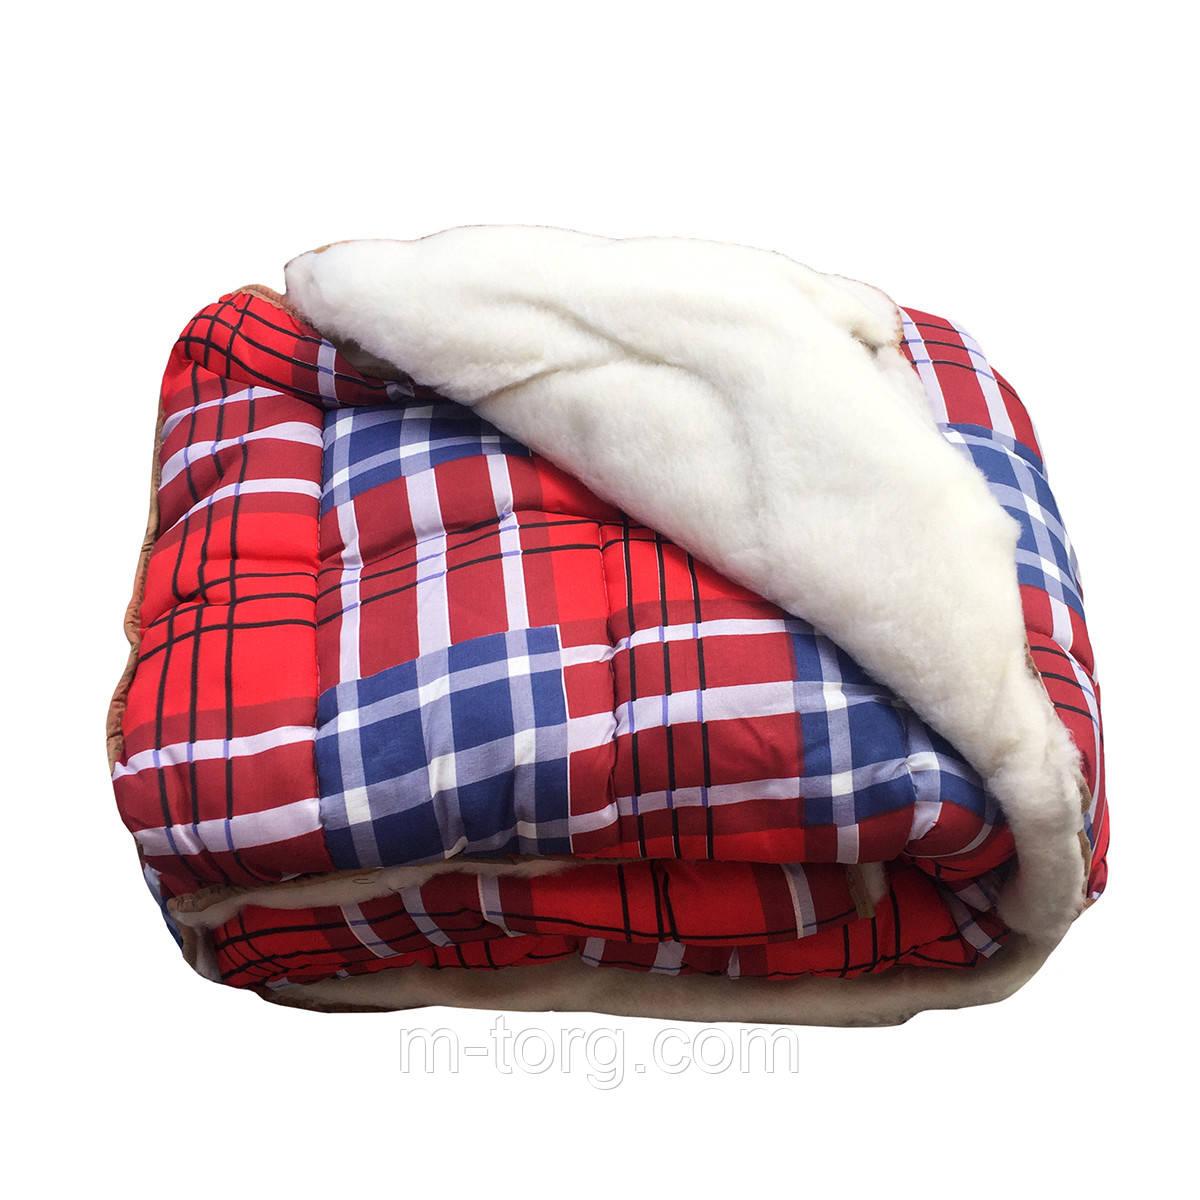 Недорогое меховое шерстяное одеяло овечья двуспальное 175/215,ткань поликотон